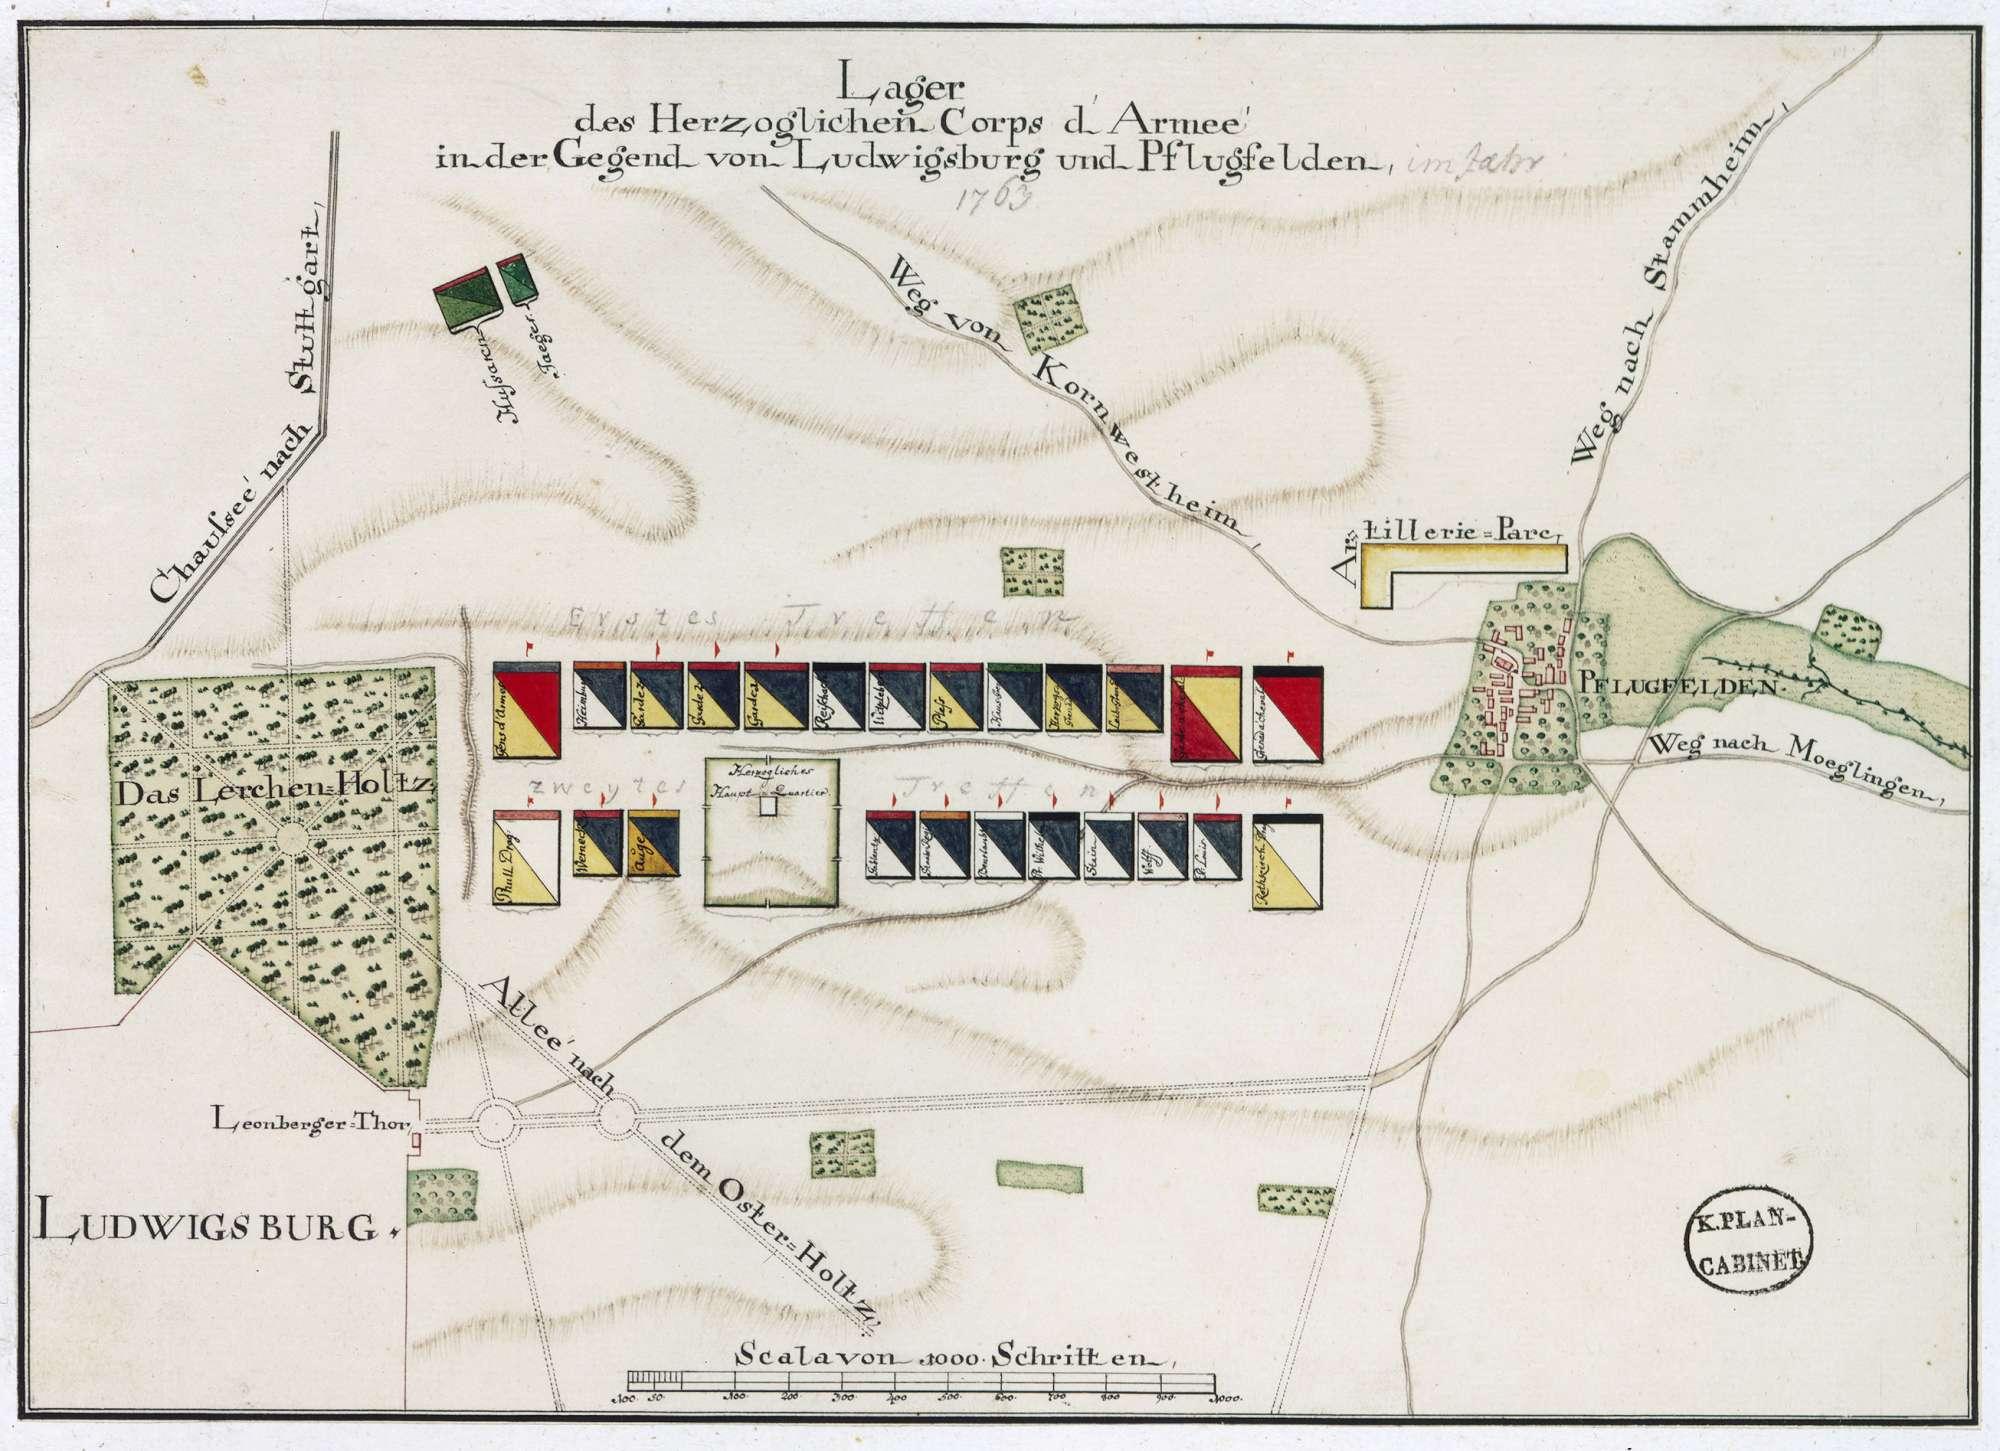 """""""Lager des Herzoglichen Corps d"""